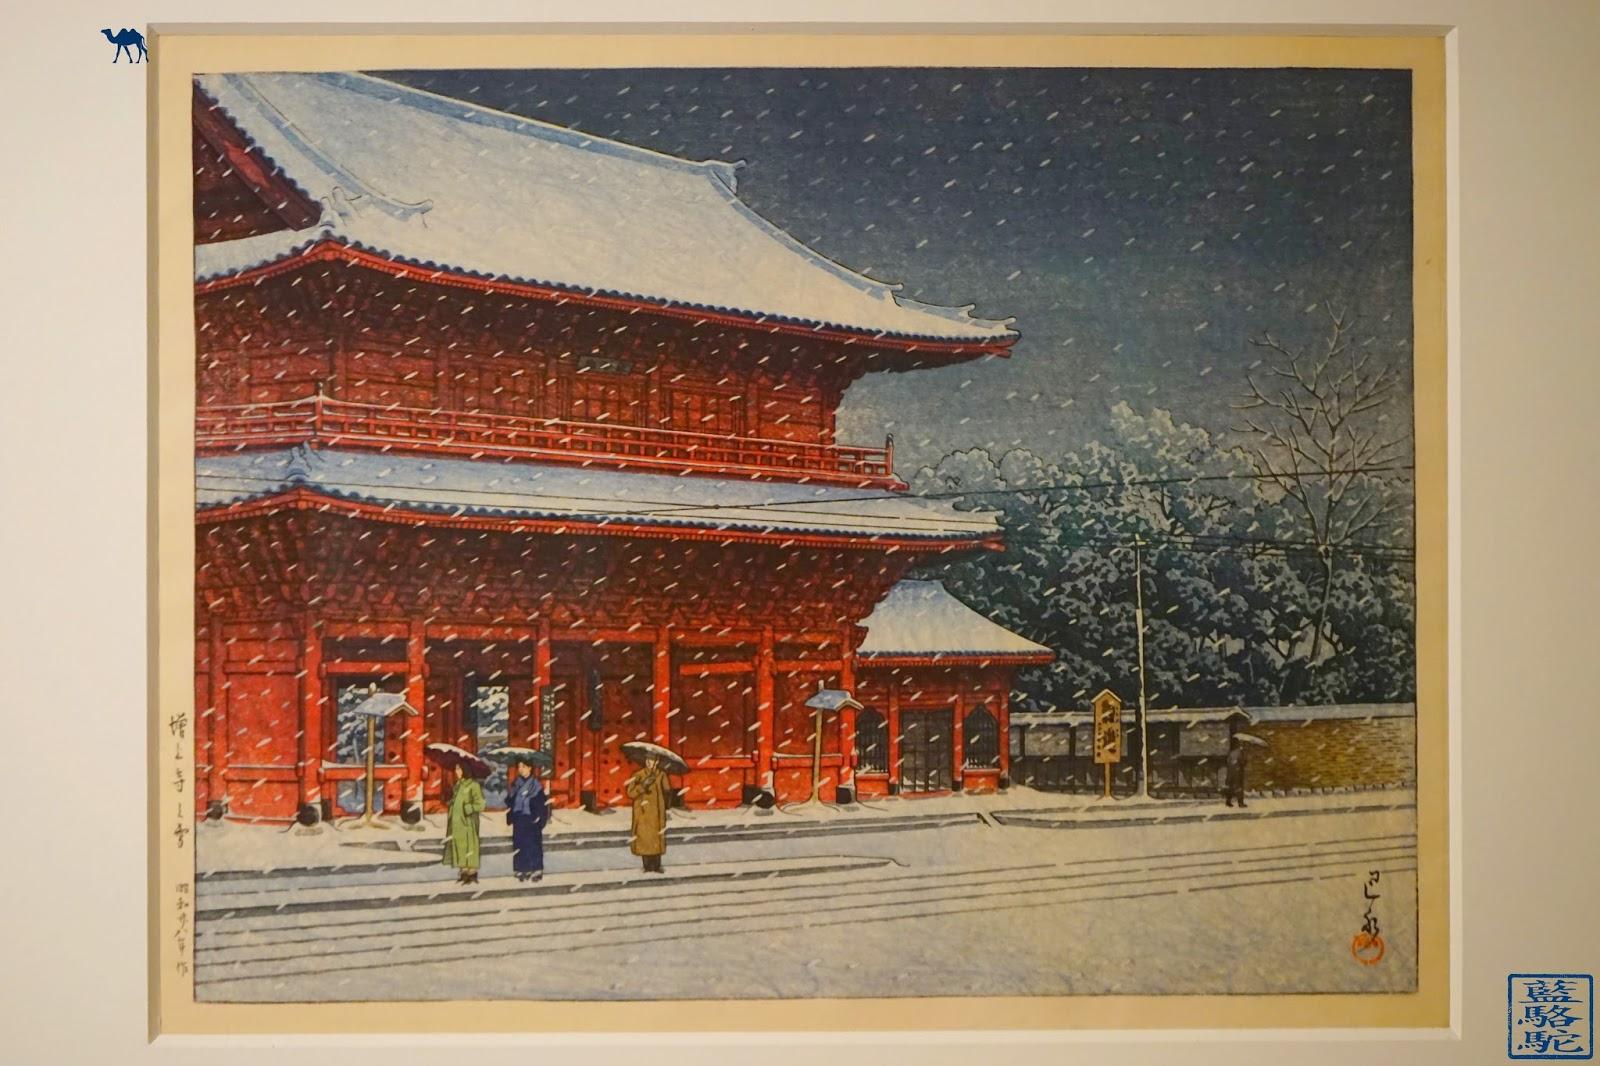 Le Chameau Bleu -  Estampes japonaises - Mnaag - Hasui